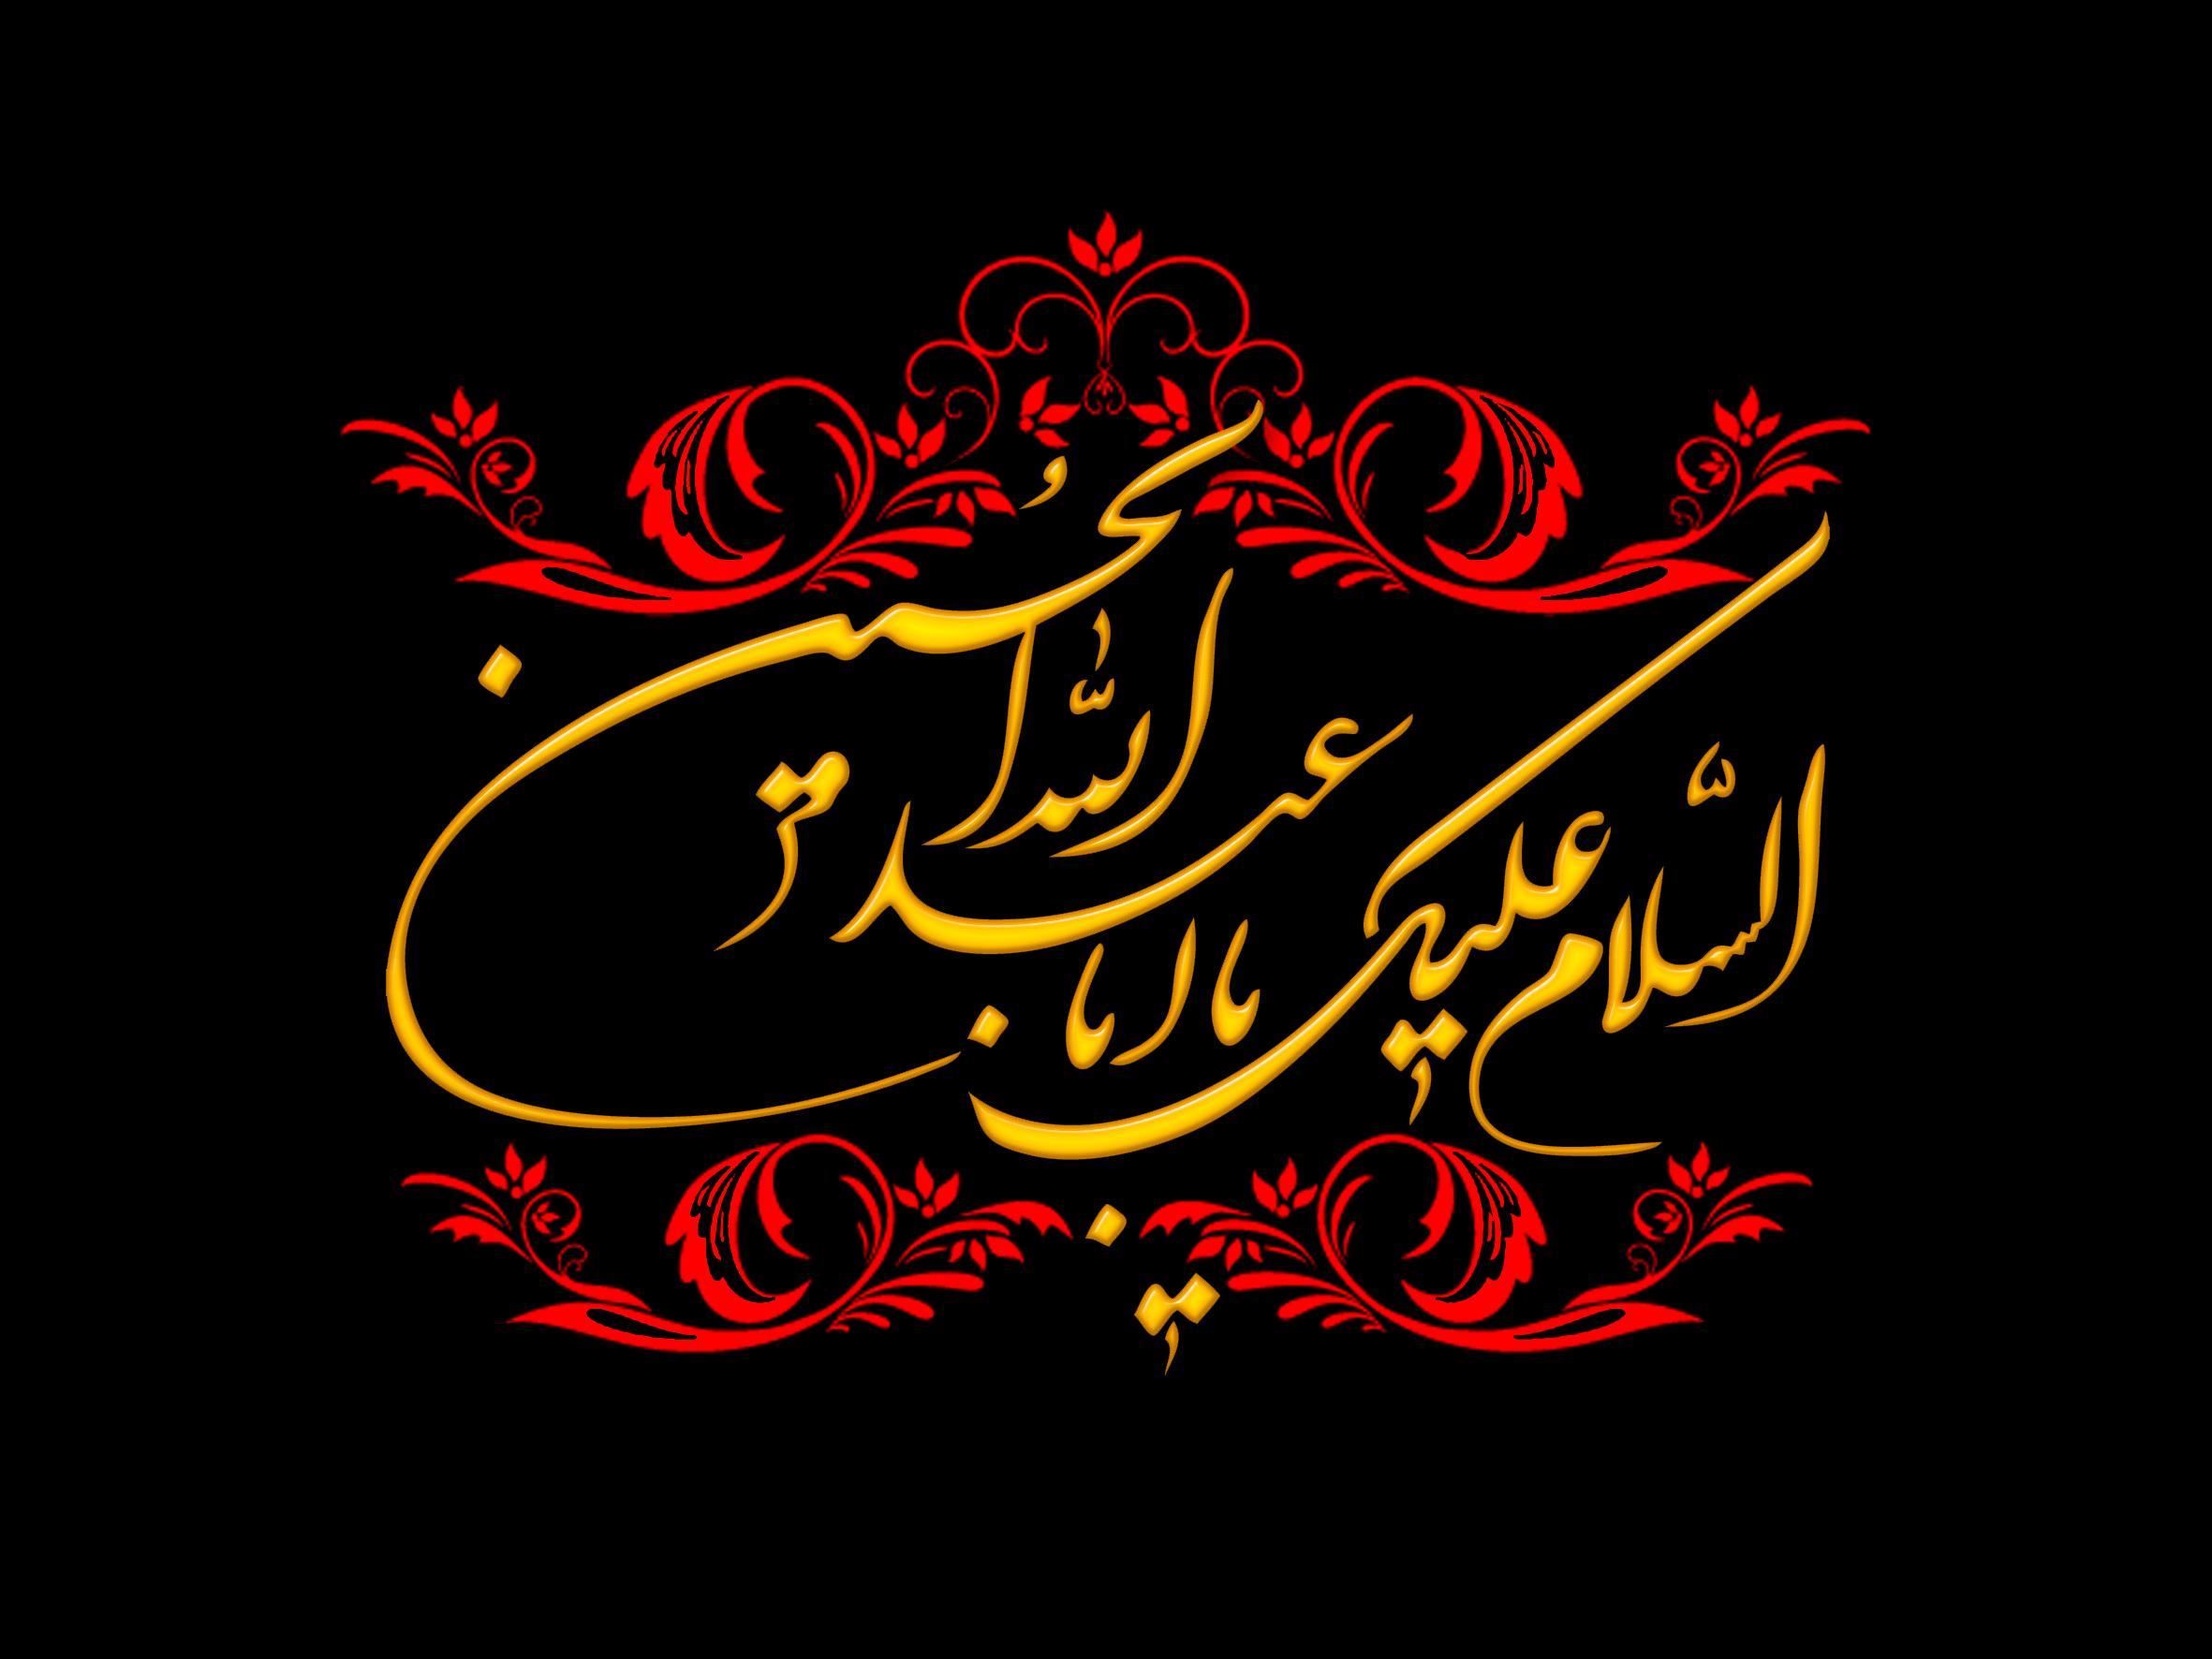 بیانیه هیئت امنای حسینیه نورالهدی